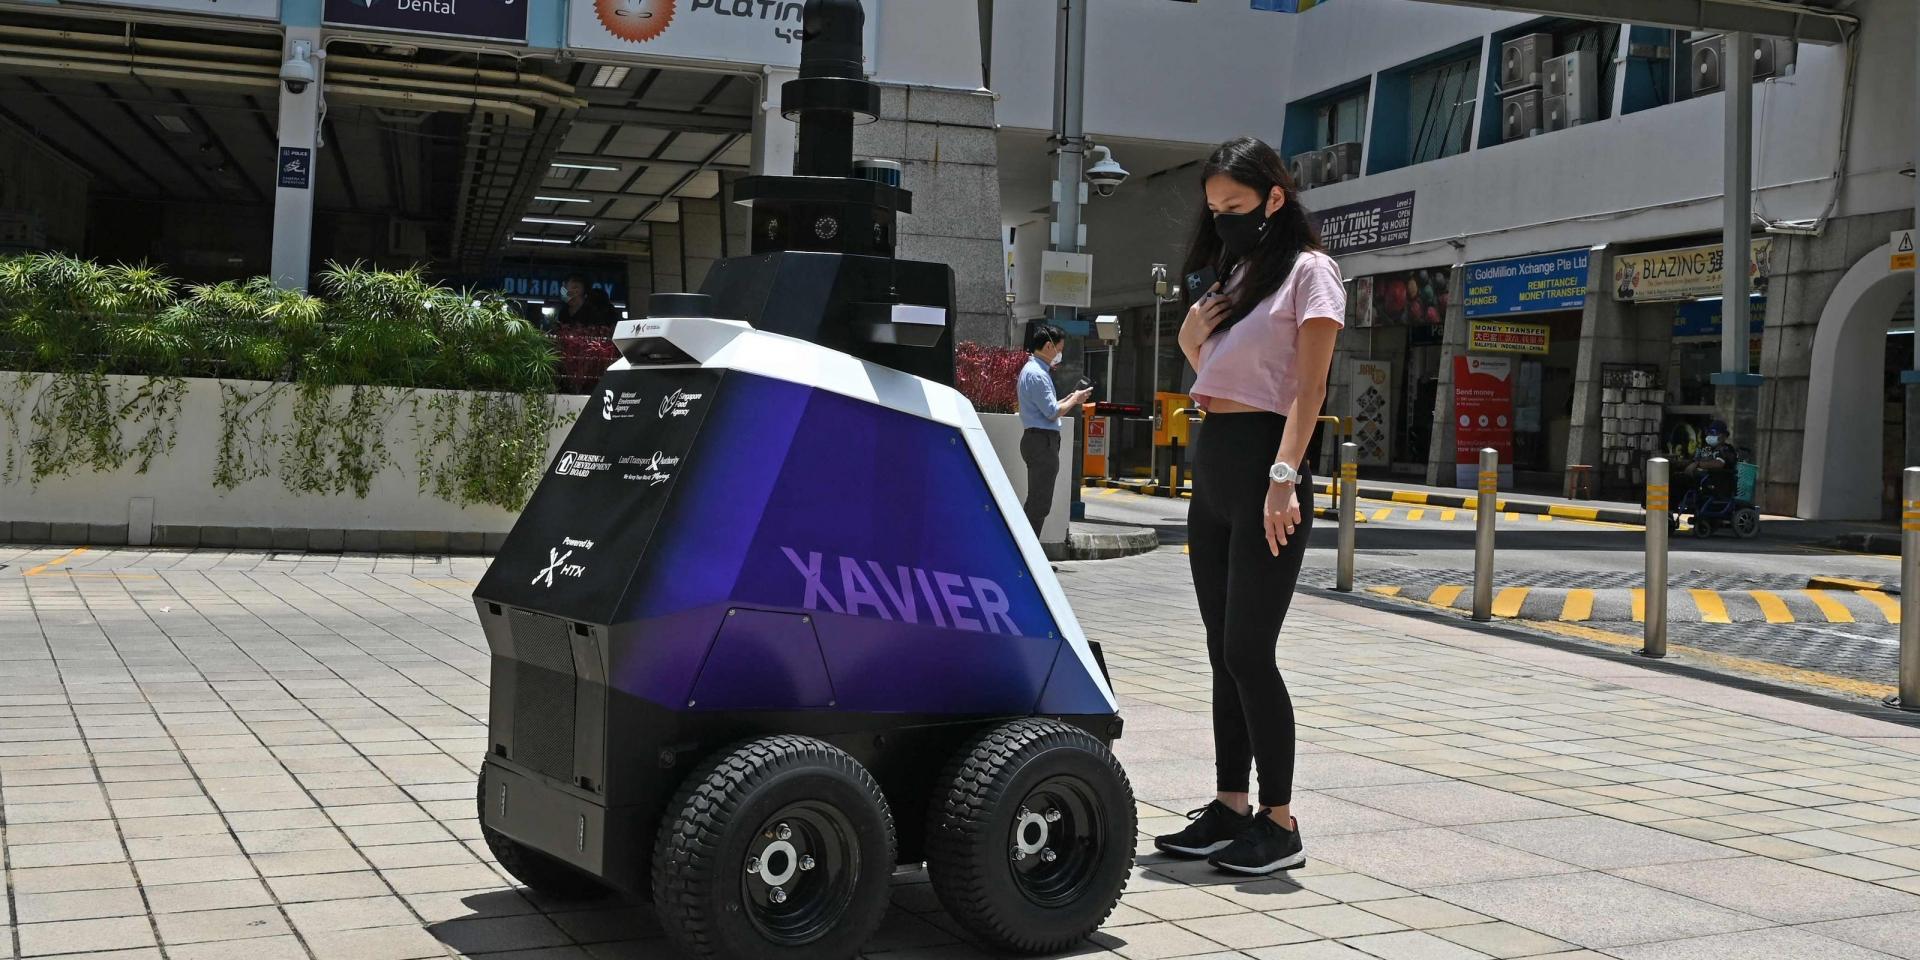 監督不良社會行為 ! 新加坡巡邏機器人上線